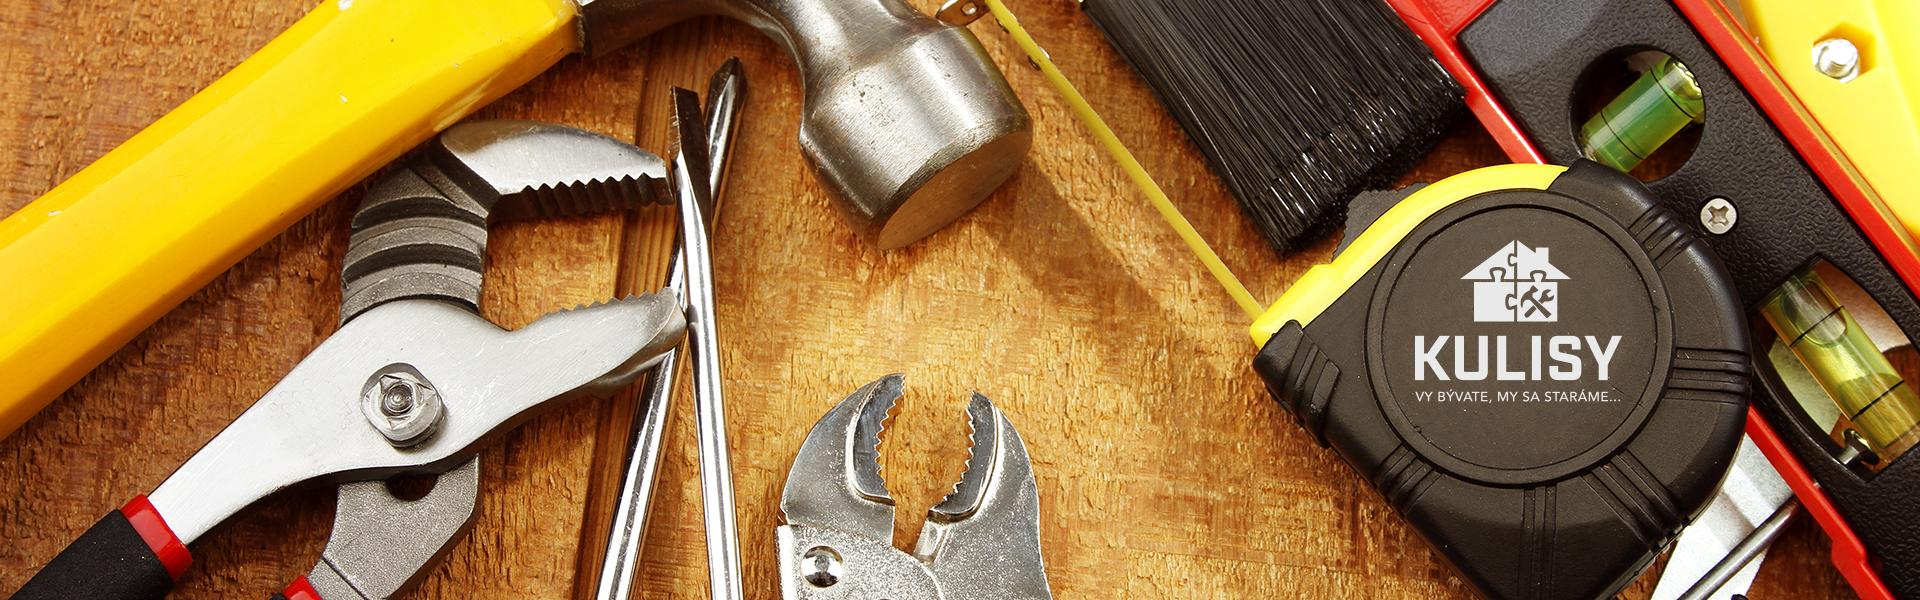 Našim klientom ponúkame spoľahlivú, <br> promptnú a hlavne kvalitnú<br> údržbu domov a bytov.